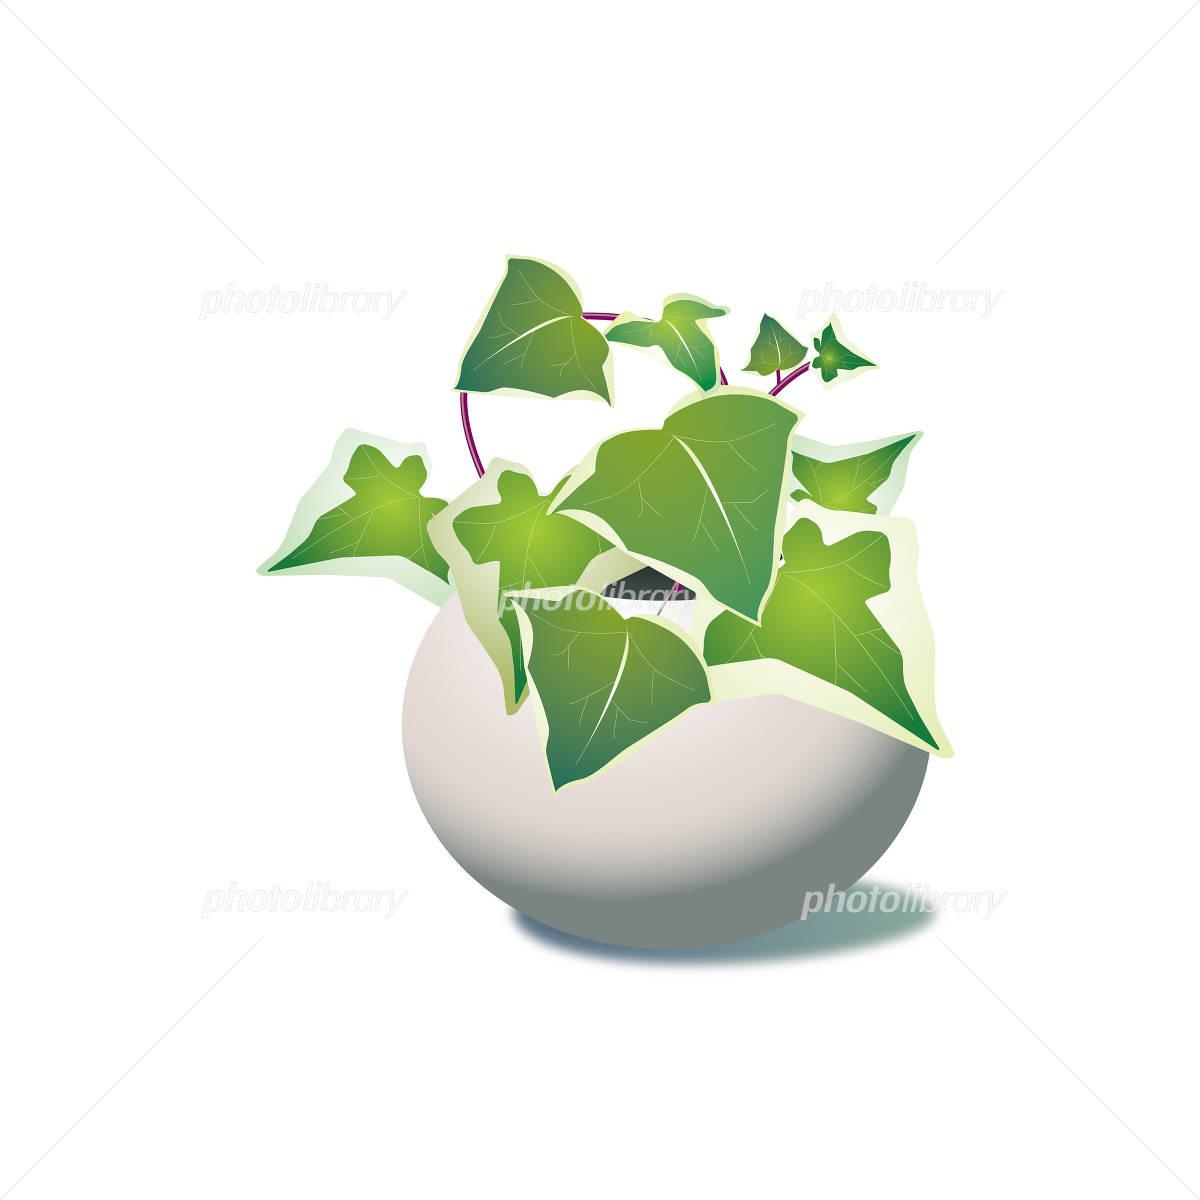 観葉植物のイラスト イラスト素材 1140585 フォトライブラリー